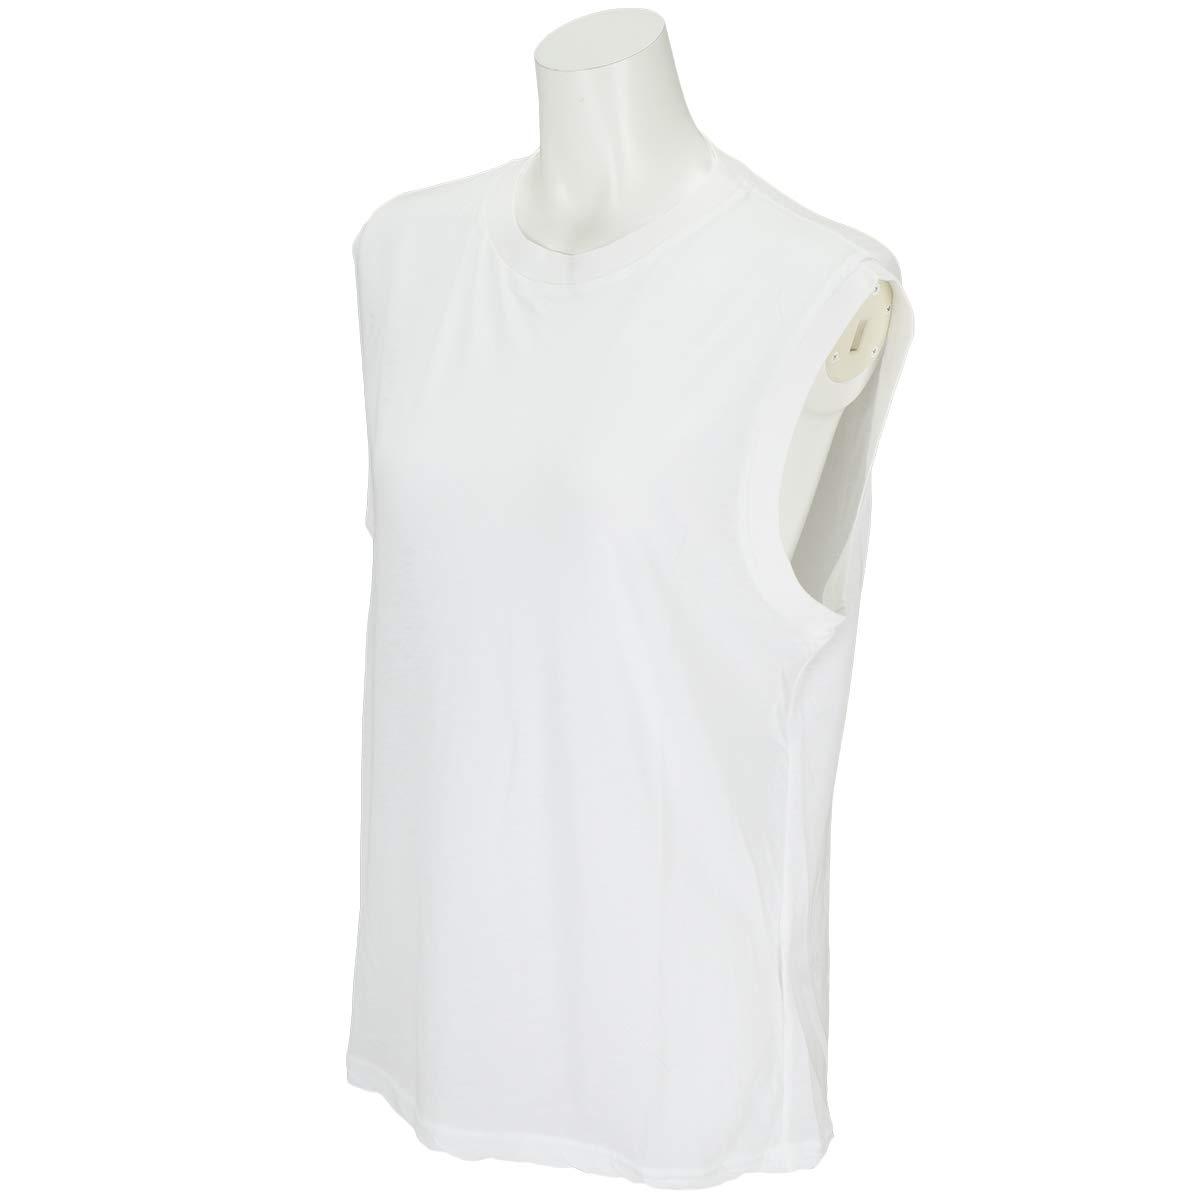 サンデーバンク SANDAY BANK. 半袖シャツポロシャツ フレスカ ノースリーブ Tシャツ レディス フリー ホワイト B07KPDFGD4